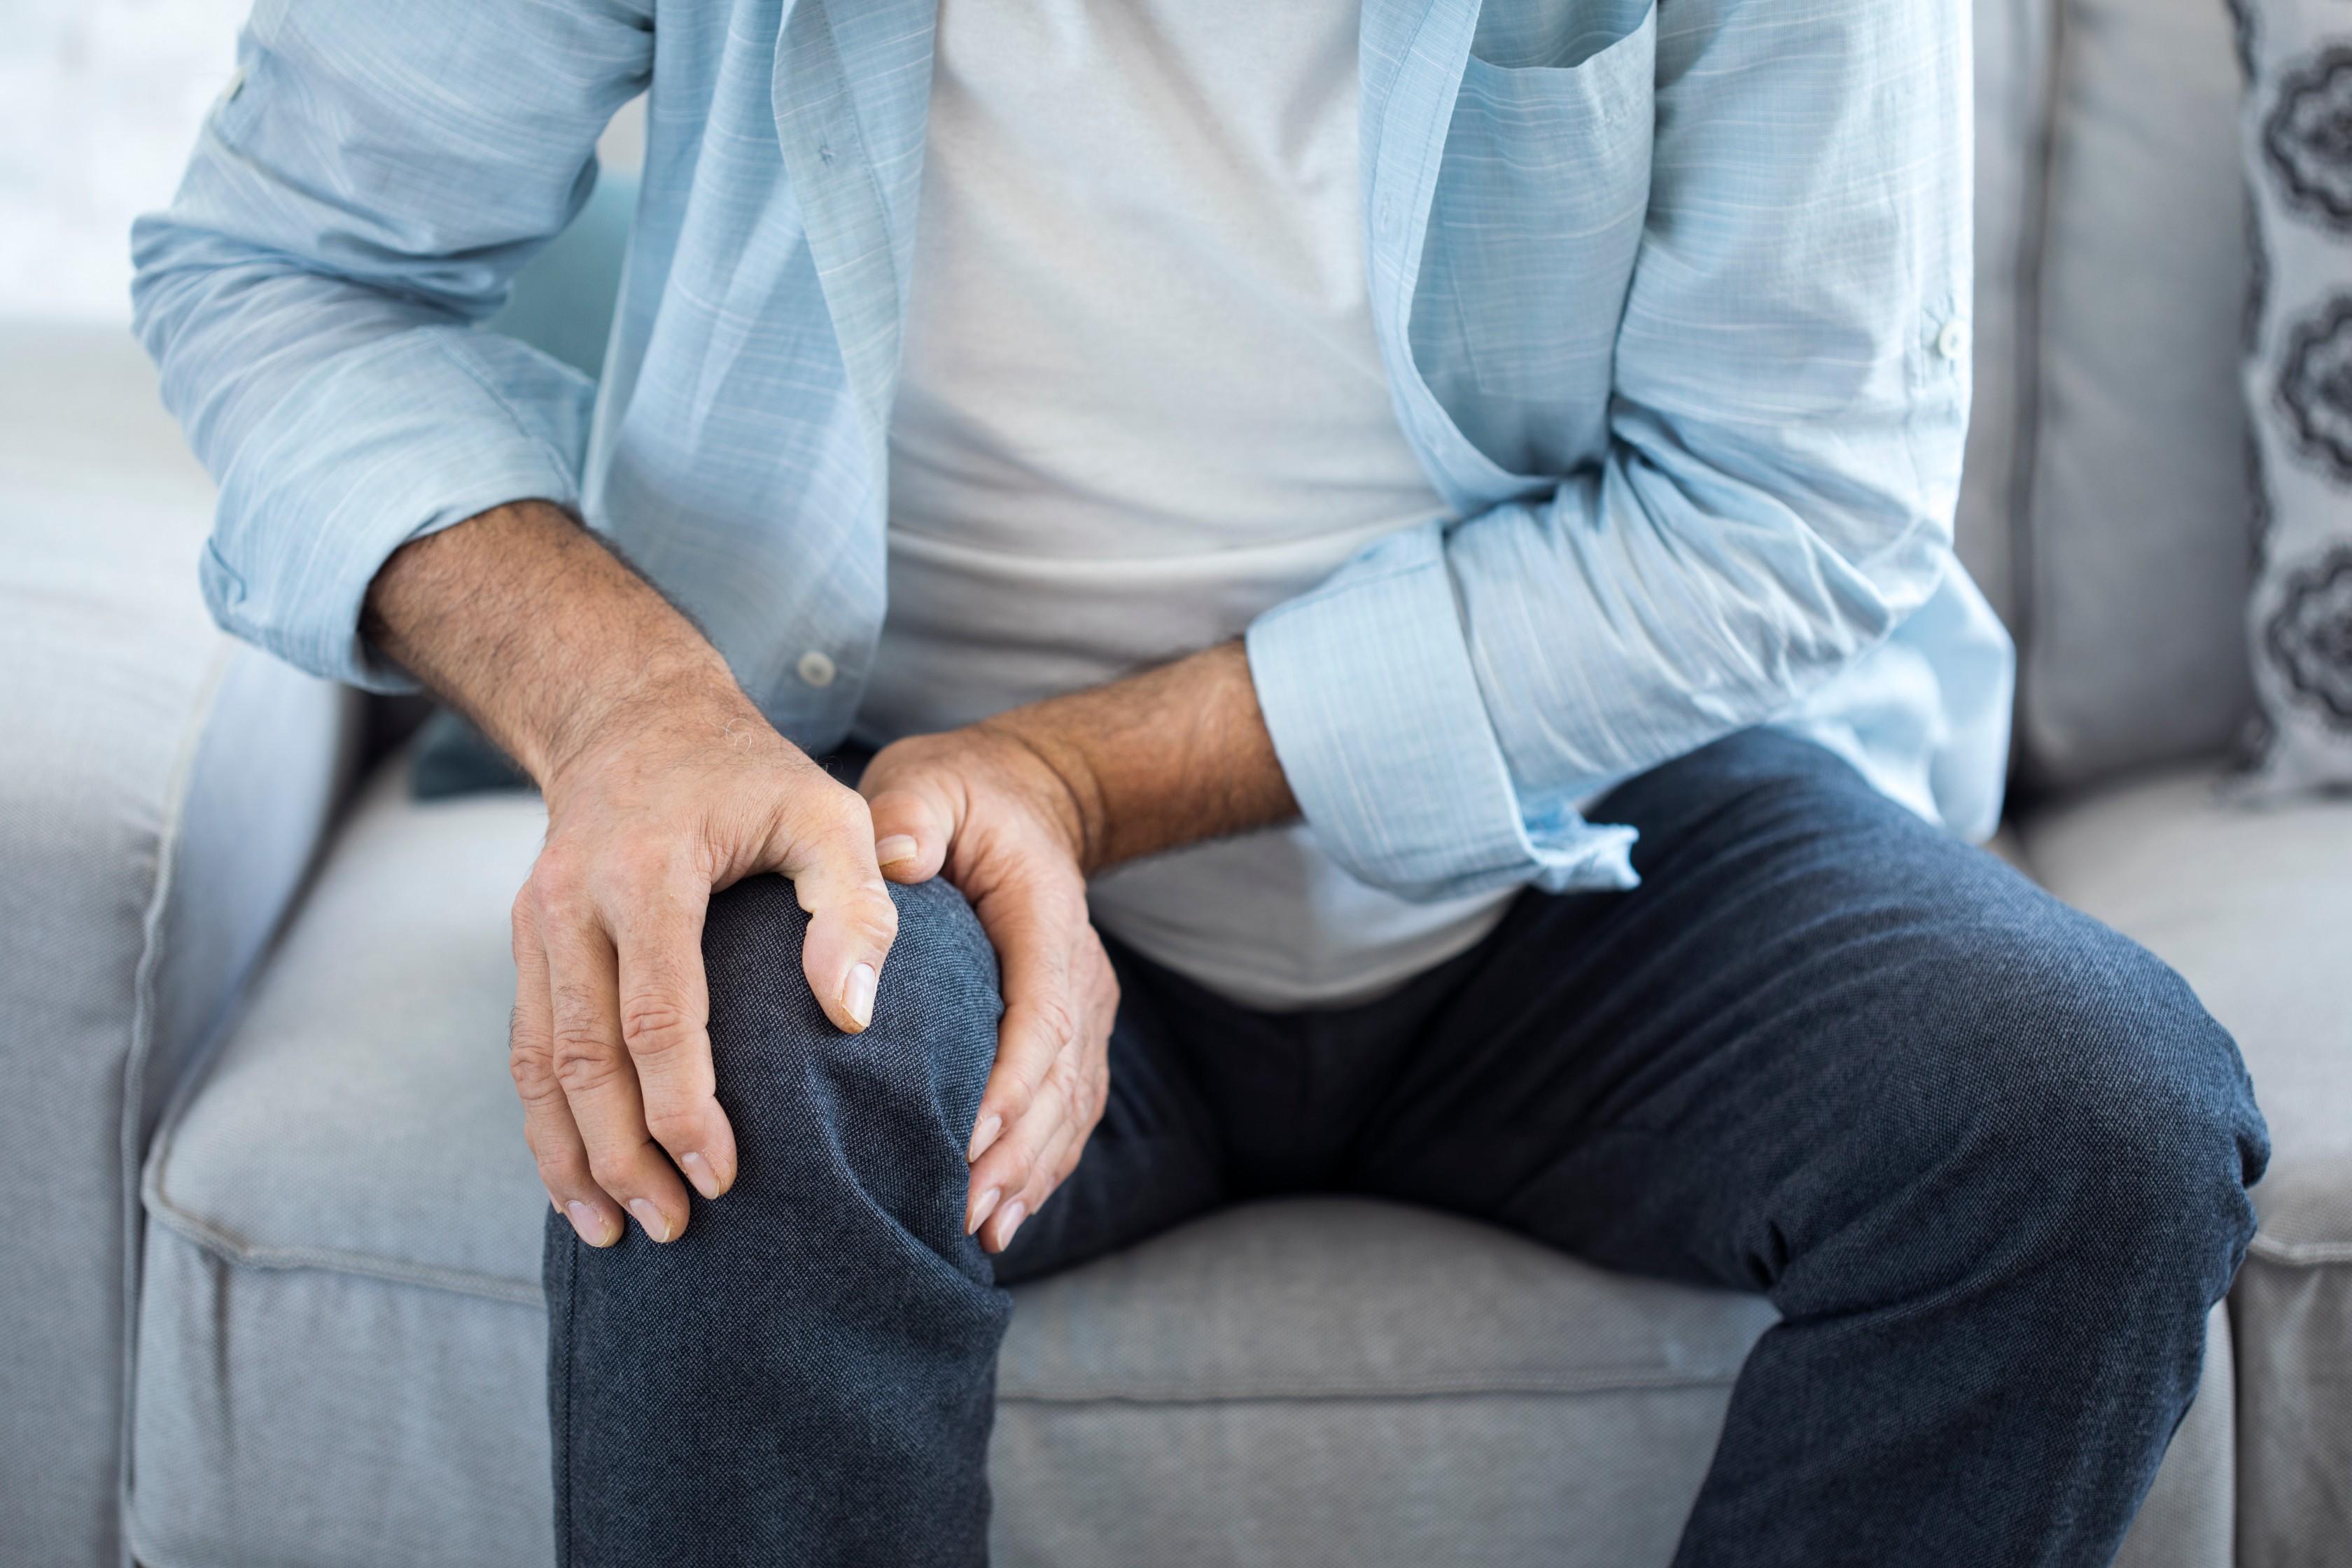 kismama torna derékfájásra a bal térdízület meniszciájának károsodása